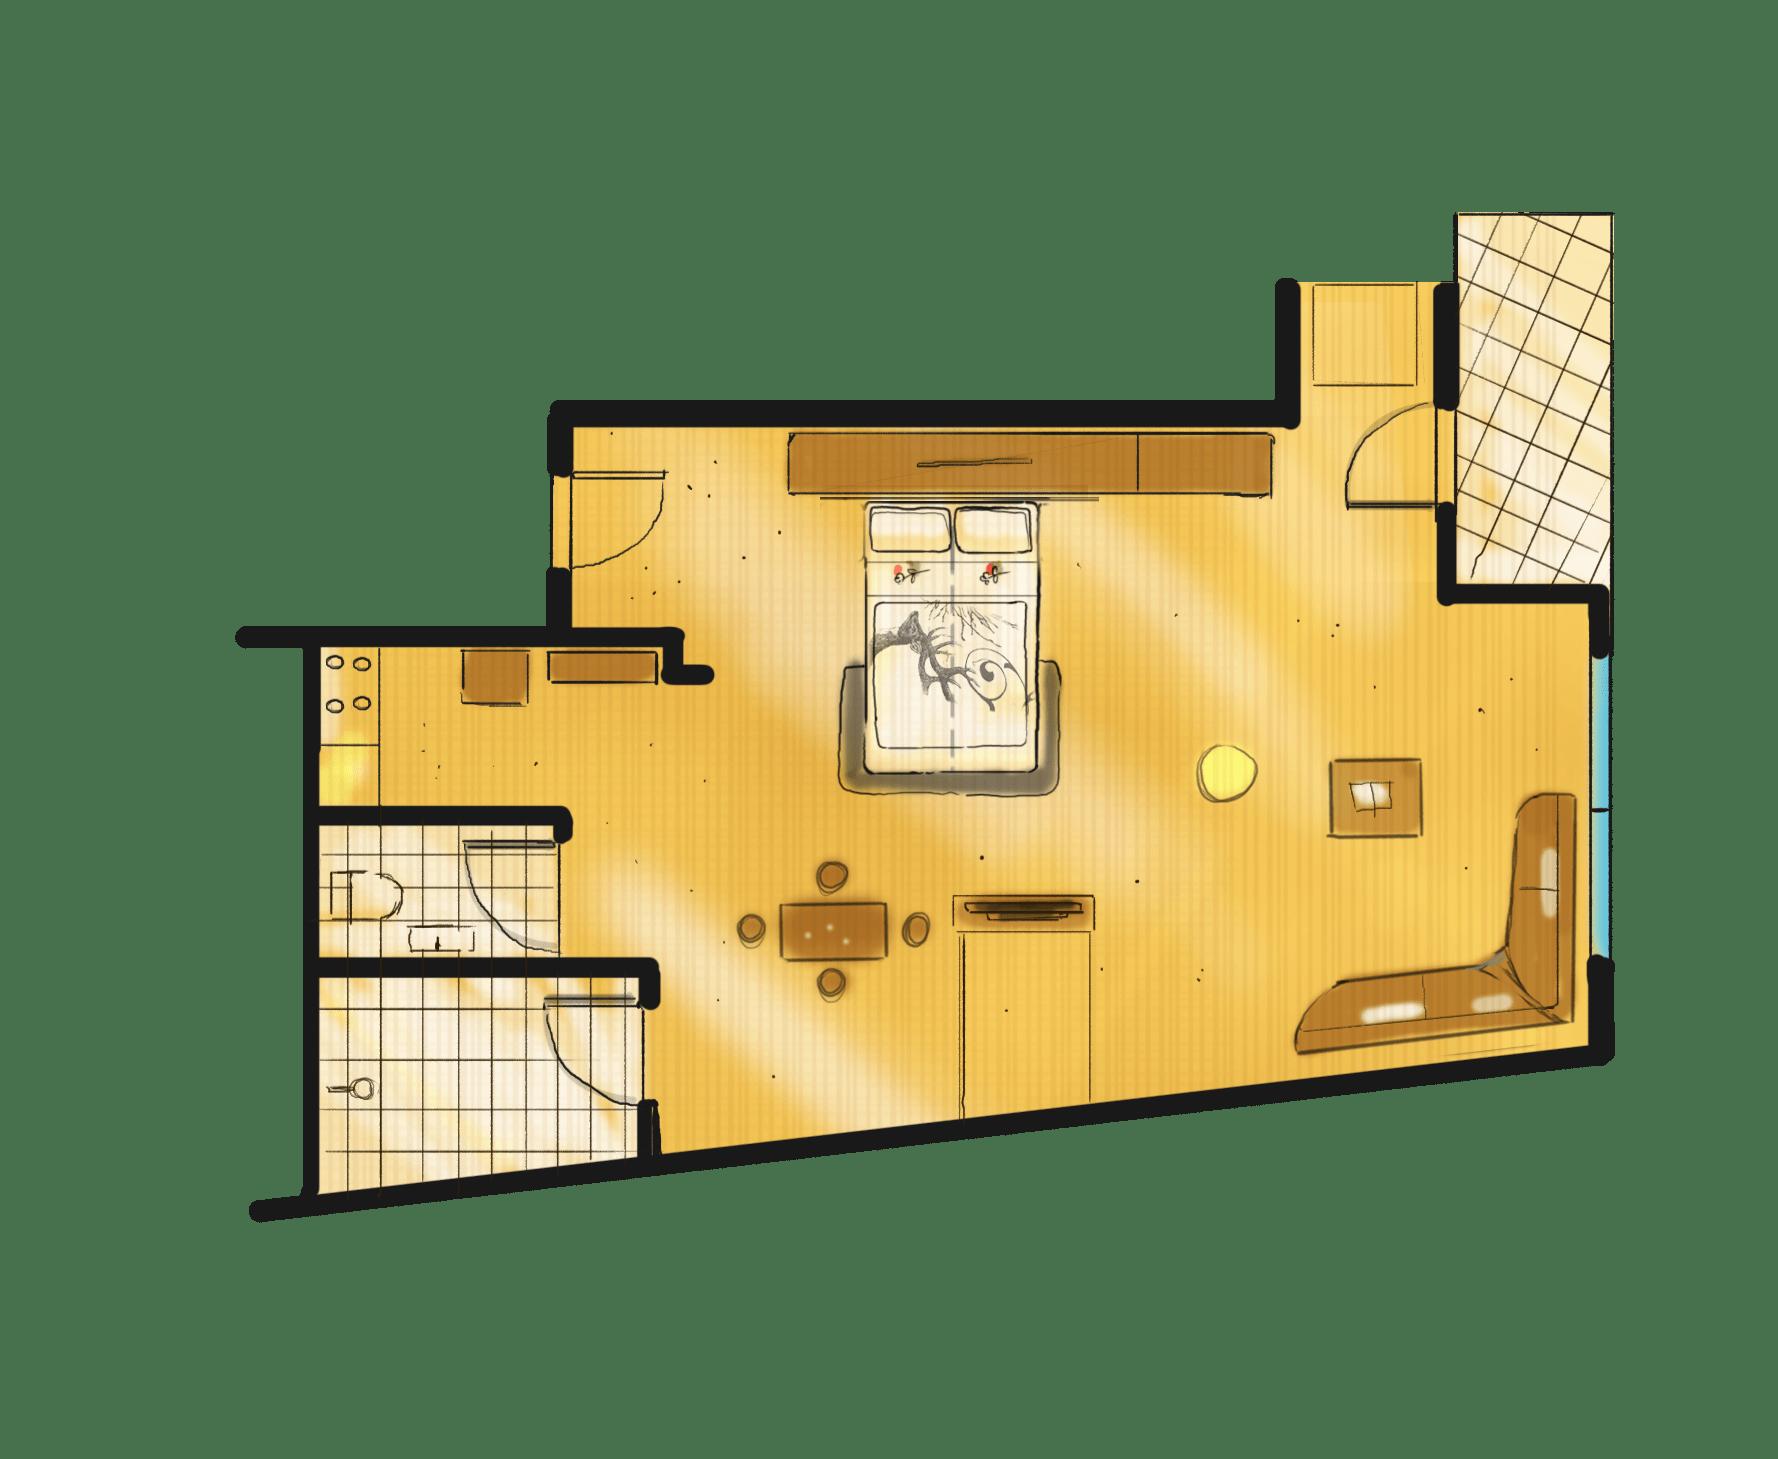 1-Raum Appartement Thyrsus